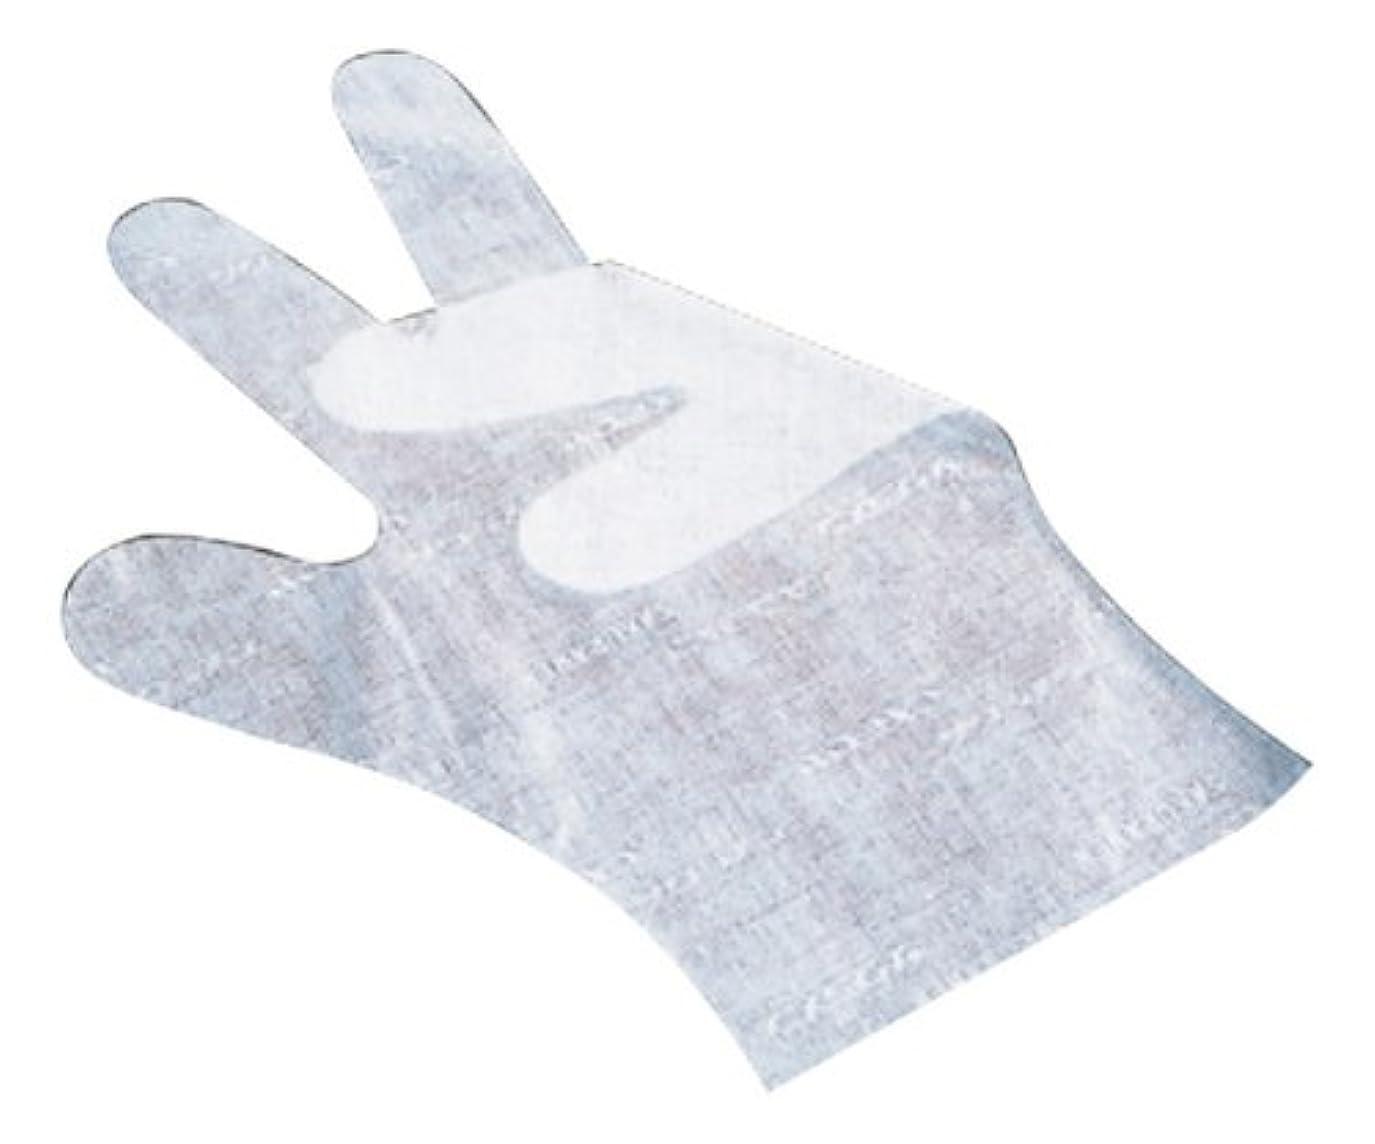 絶対にクロール農業のサクラメン手袋 デラックス(100枚入)S ホワイト 35μ